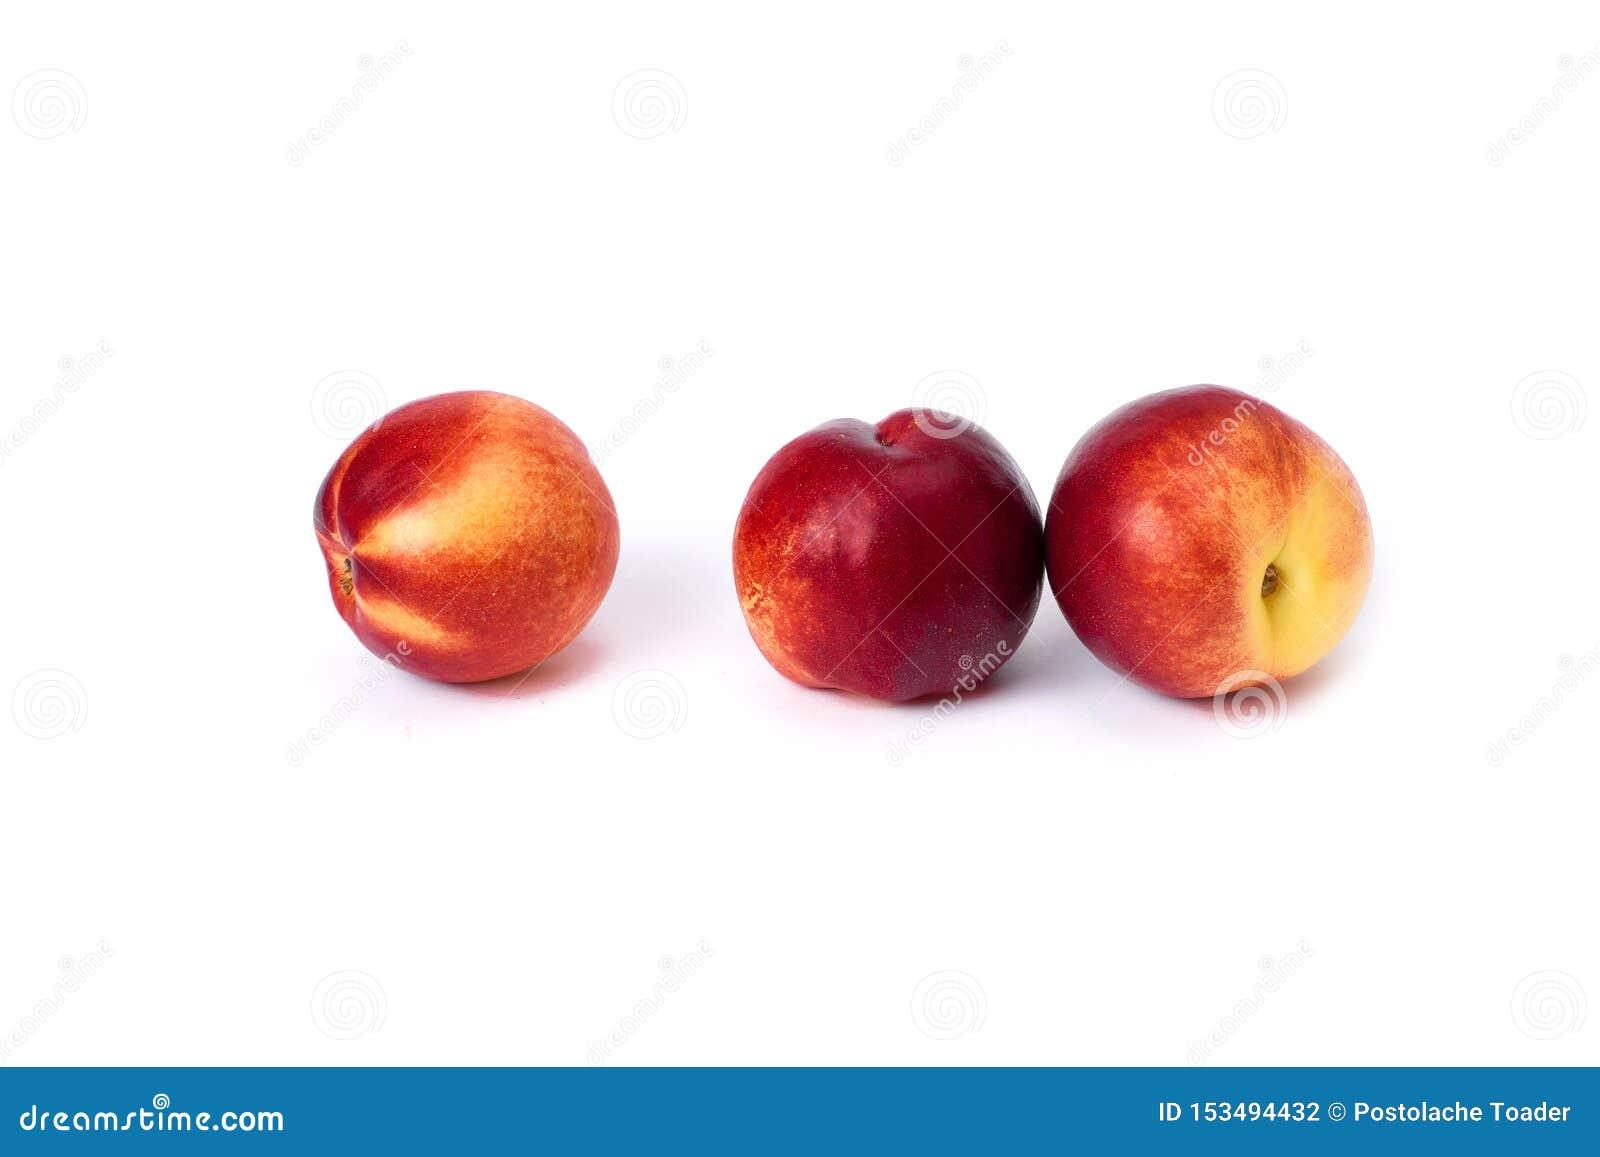 Trzy czerwonej łysej brzoskwini na białym tle Brzoskwini zbliżenia czerwony kolor